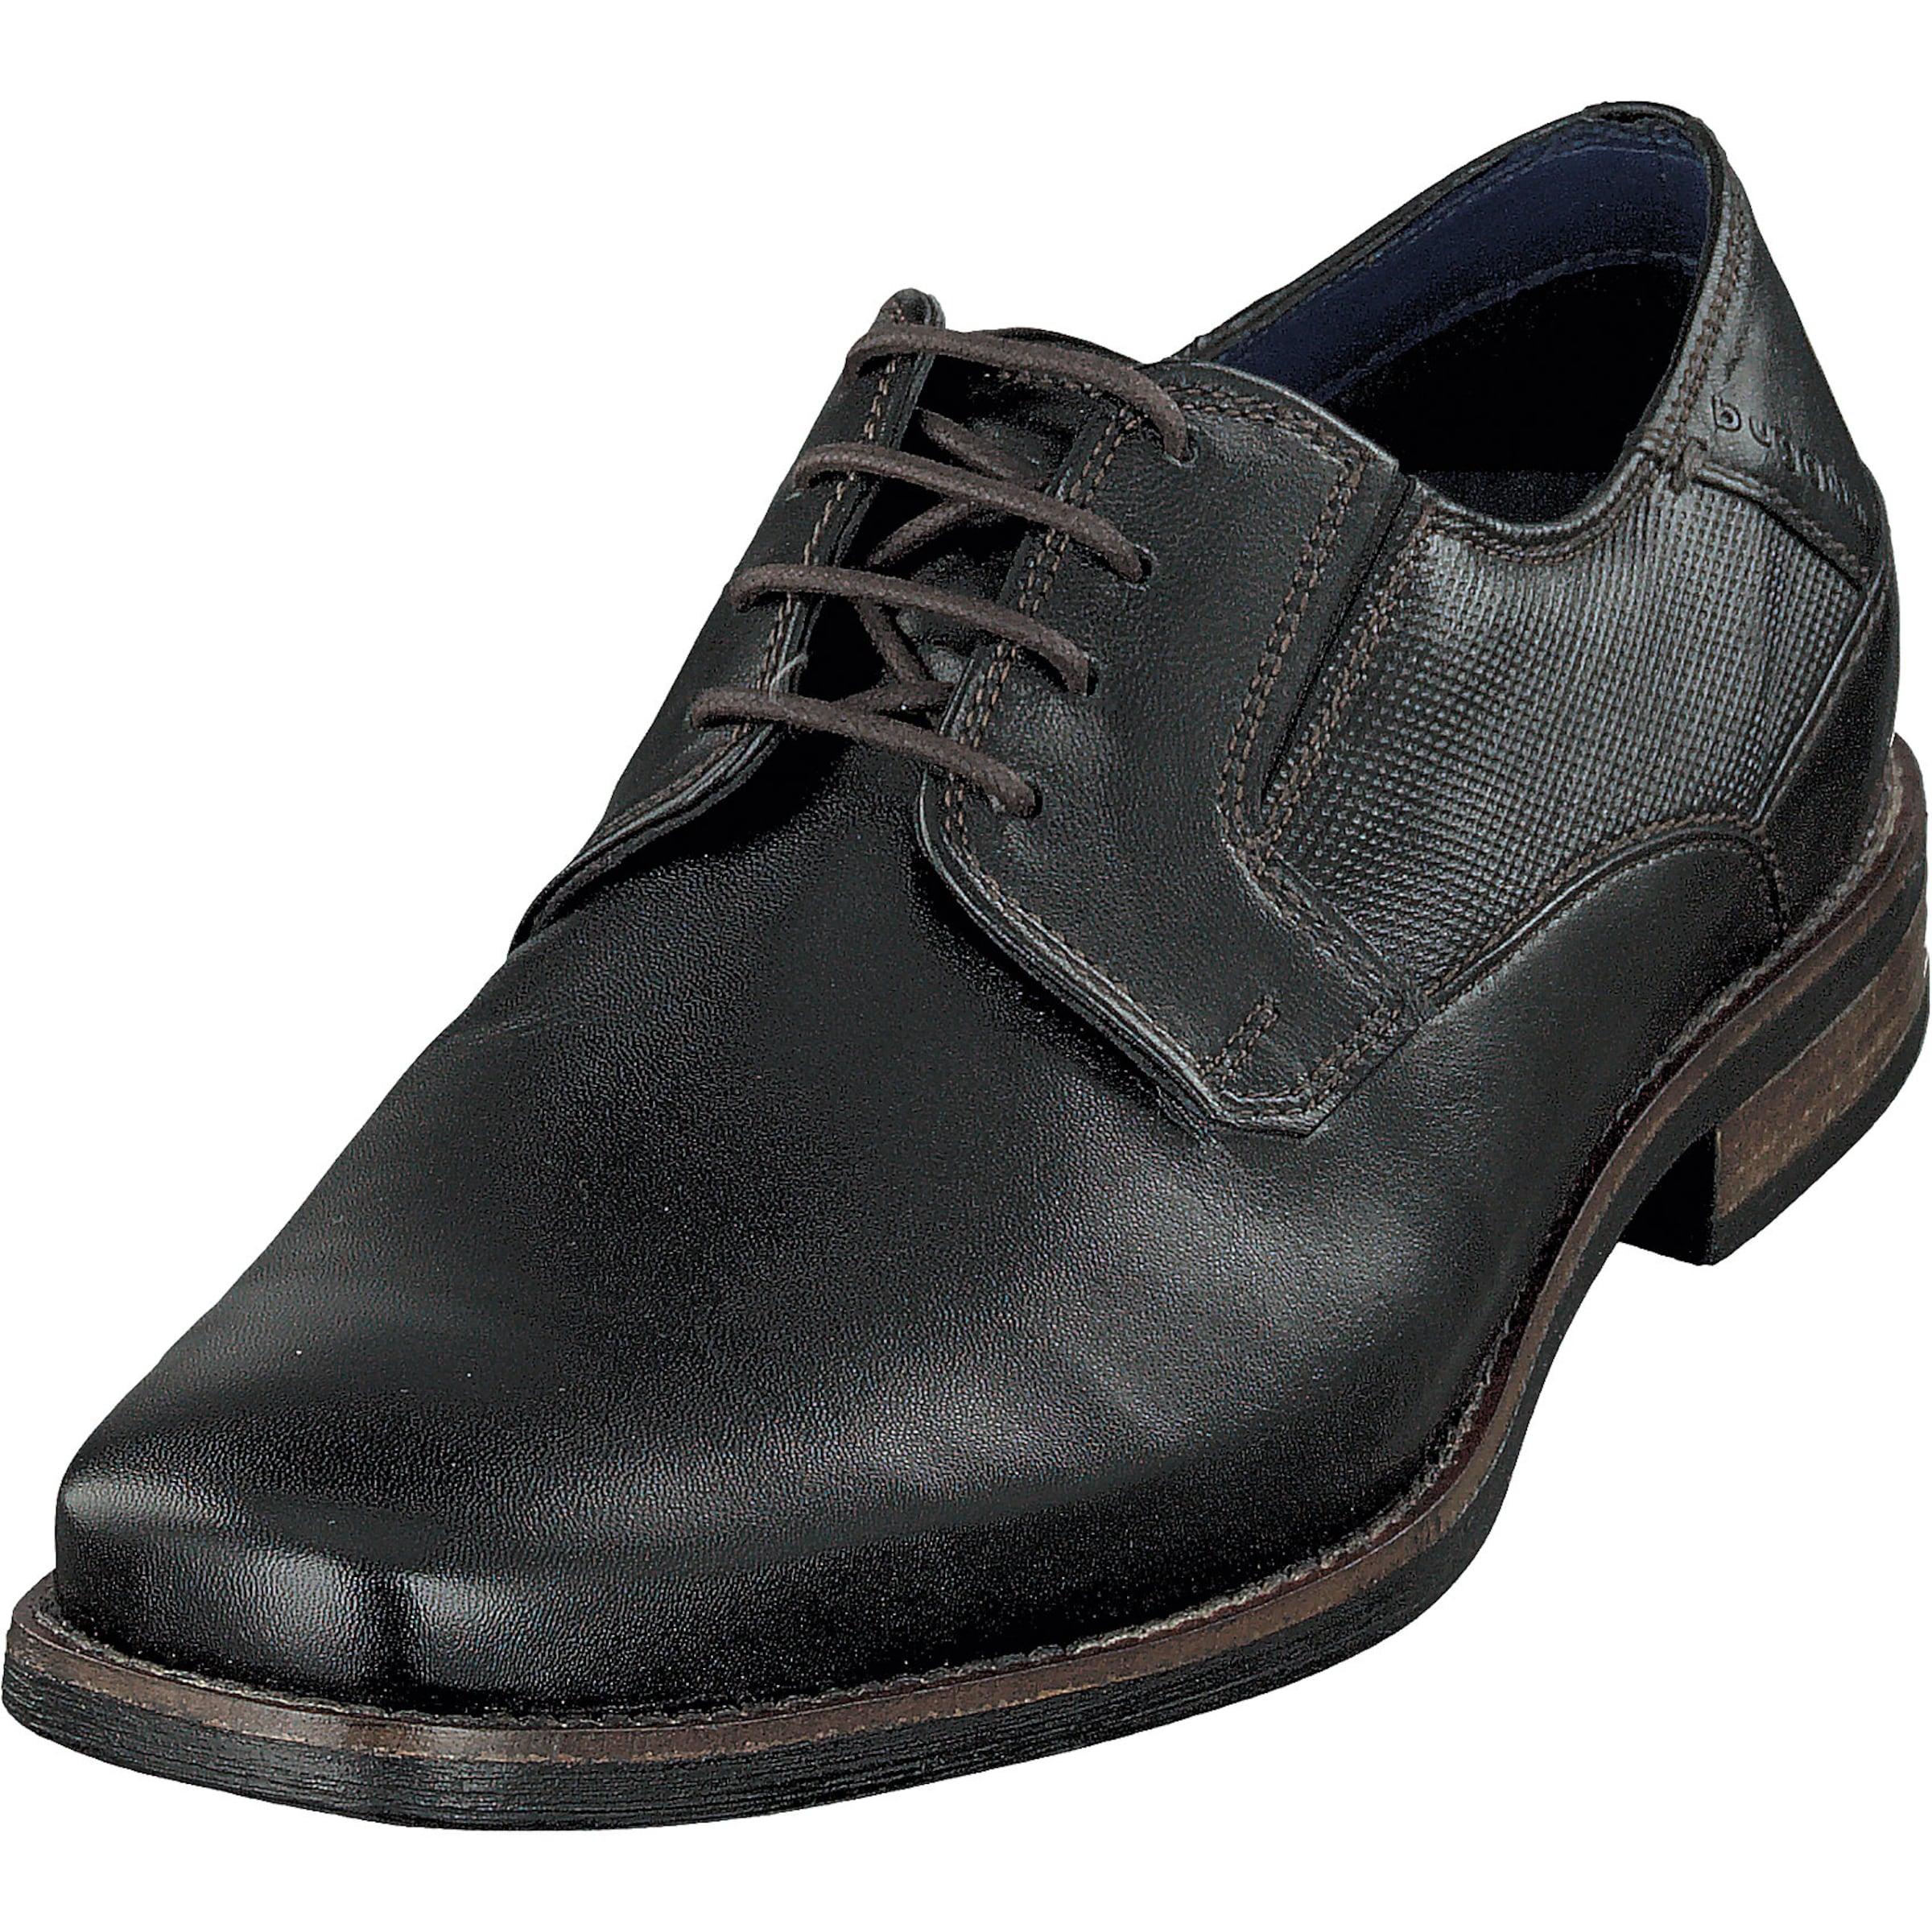 bugatti Business-Schnürschuhe Verschleißfeste billige Schuhe Qualität Hohe Qualität Schuhe 4a4ea1